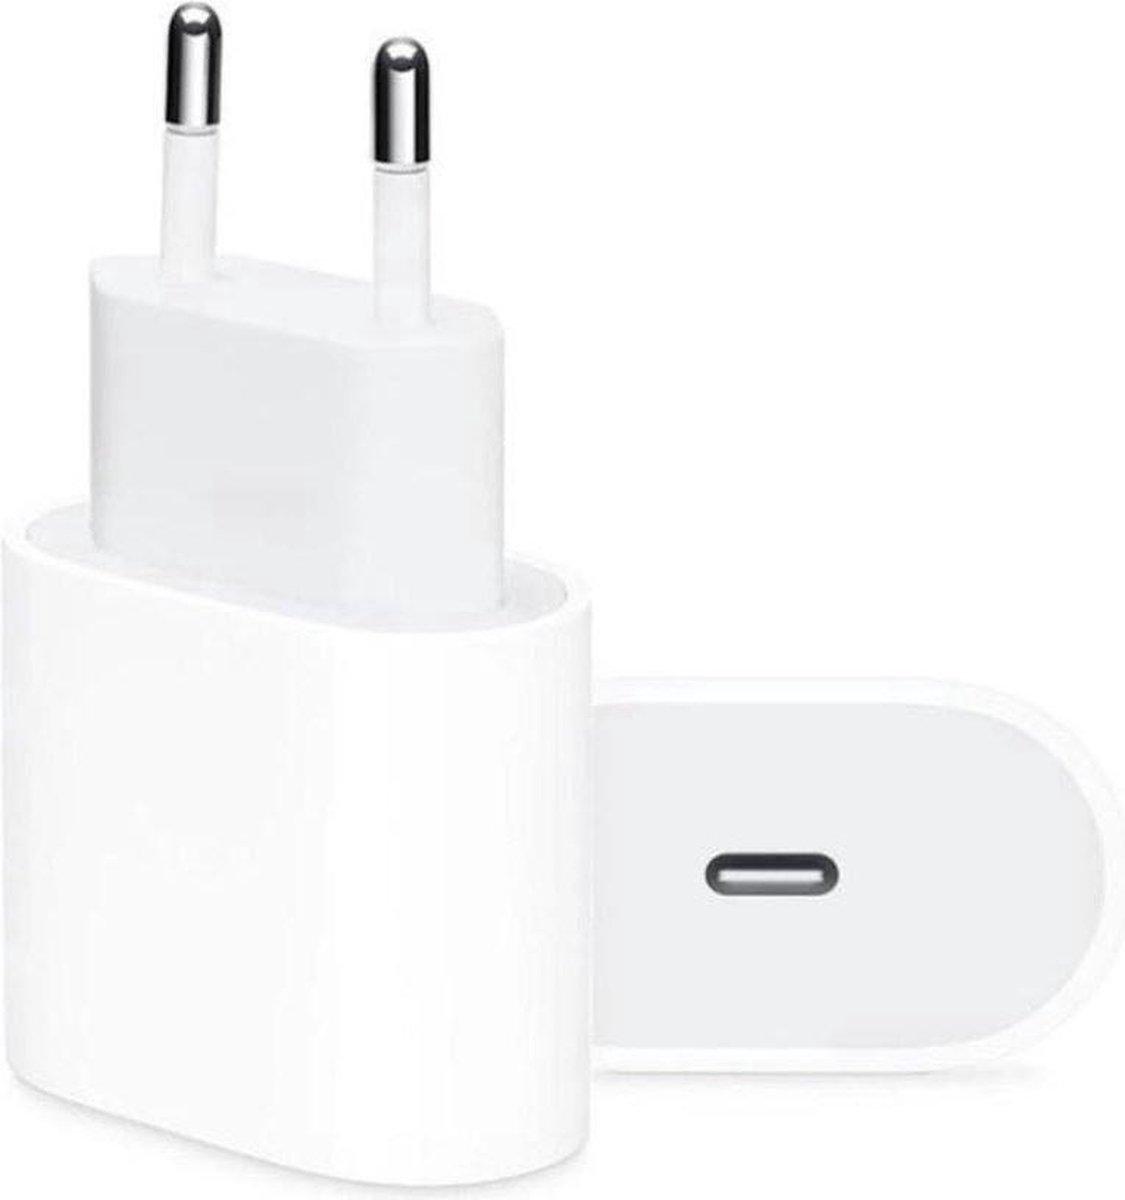 iPhone 12 oplaadstekker 20W USB-C Power oplader - Wit - Geschikt voor Apple iPhone 12 - Apple iPad - USB-C Apple Lightning |Snellader iPhone 12 / 11 / X / iPad / 12 Pro Max / iPhone 12 Pro | iPhone 12 Lader | USBC lader | USB-C Lader | iPhone 12